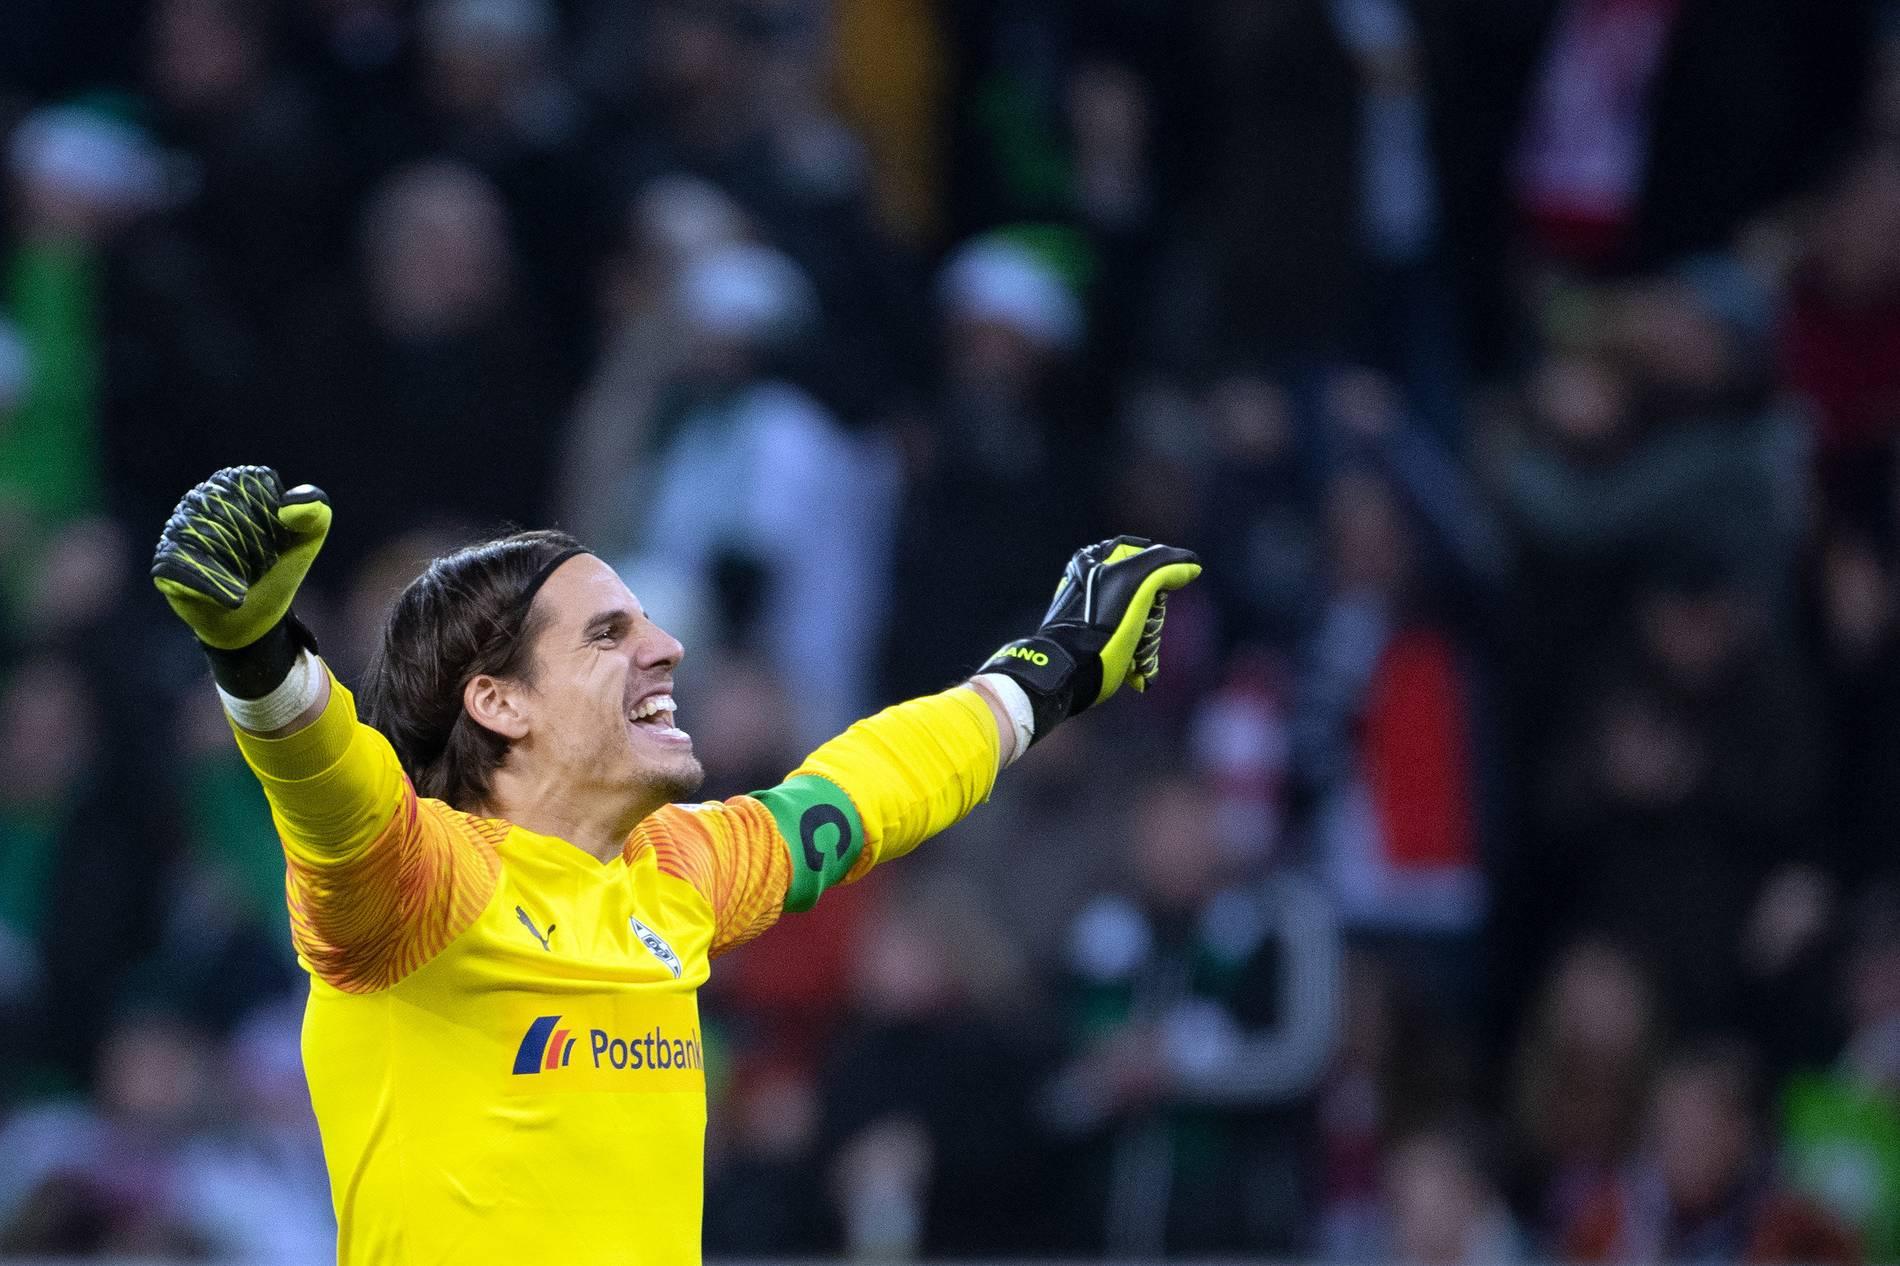 Borussia Monchengladbach Yann Sommer Freut Sich Auf Die Herausforderungen Des Neuen Jahres